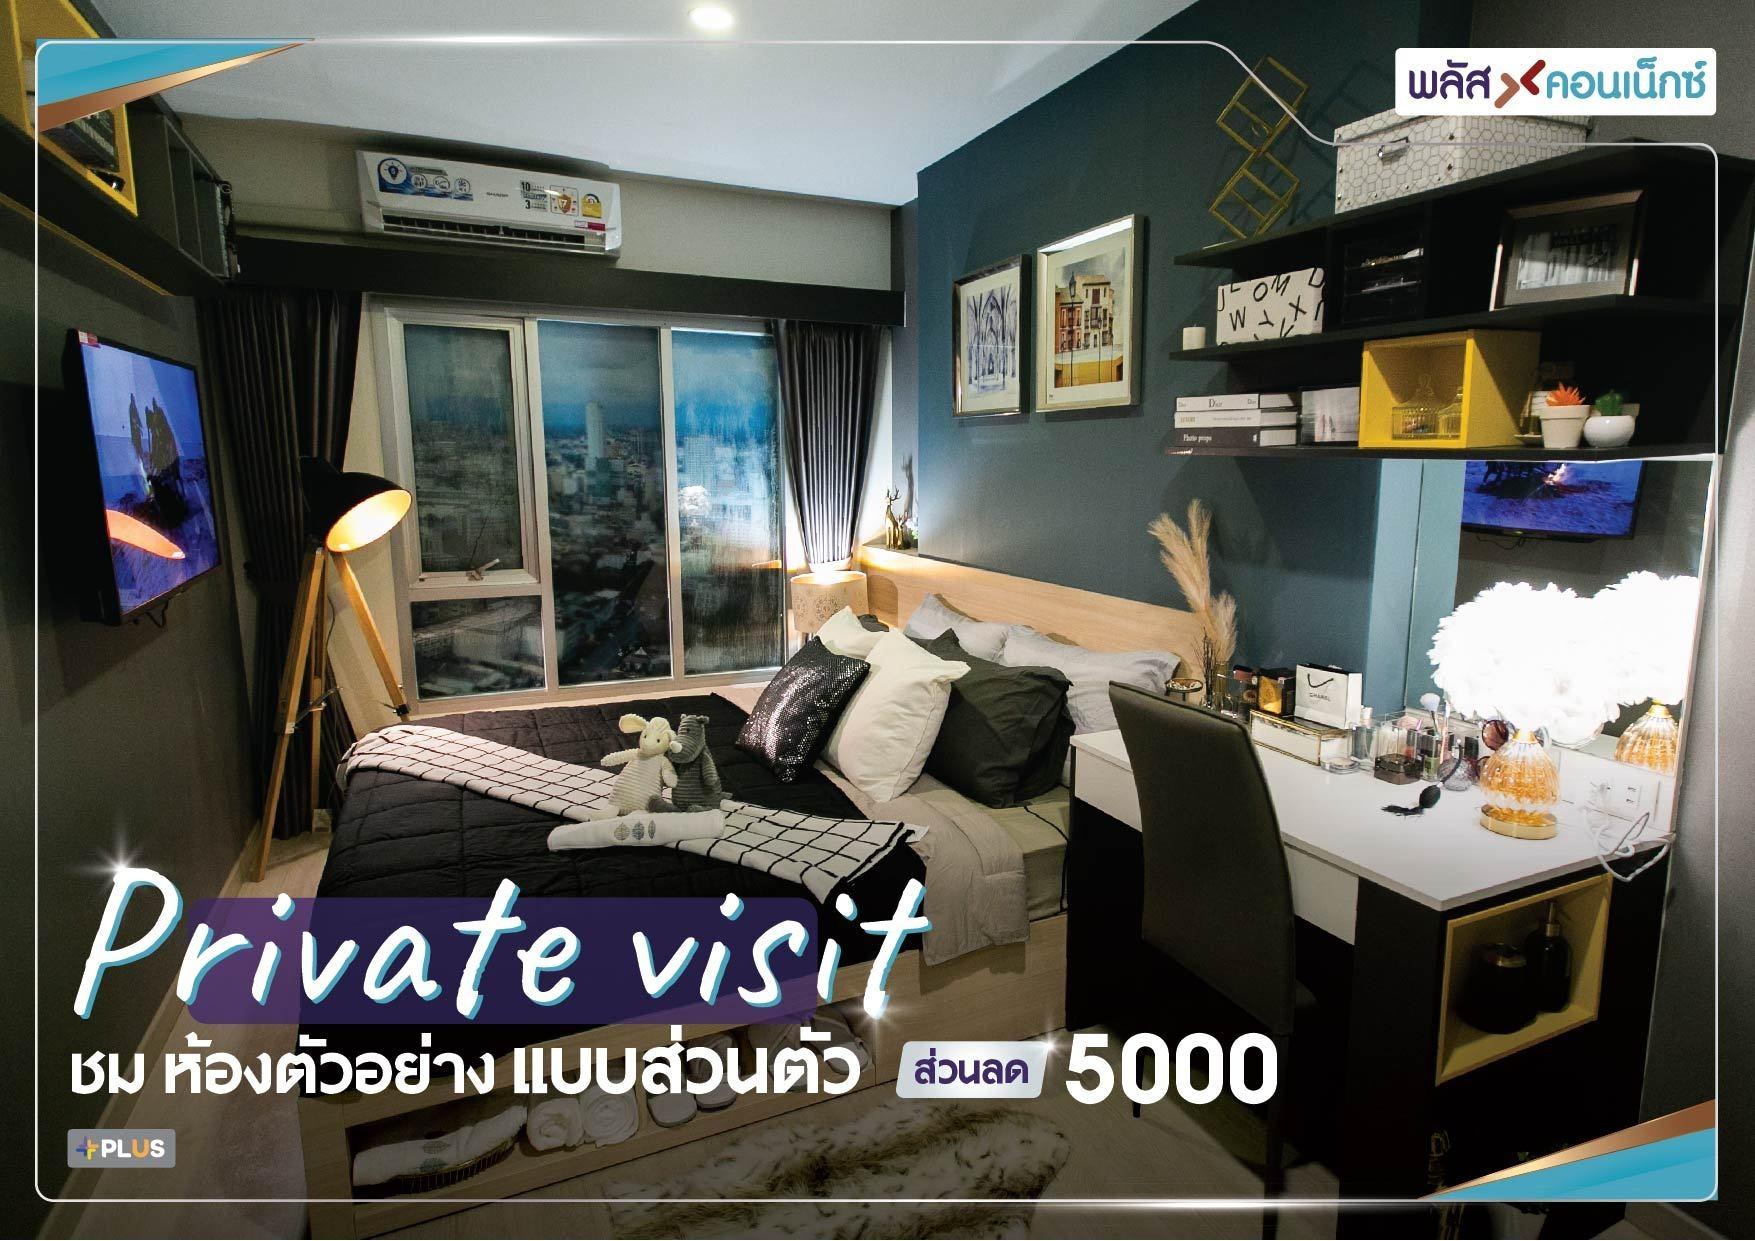 พลัส คอนเน็กซ์ คอนโด หาดใหญ่ เยี่ยมชมห้องตัวอย่าง แบบส่วนตัว ‼️ private visit  พร้อมรับส่วนลด 5000.